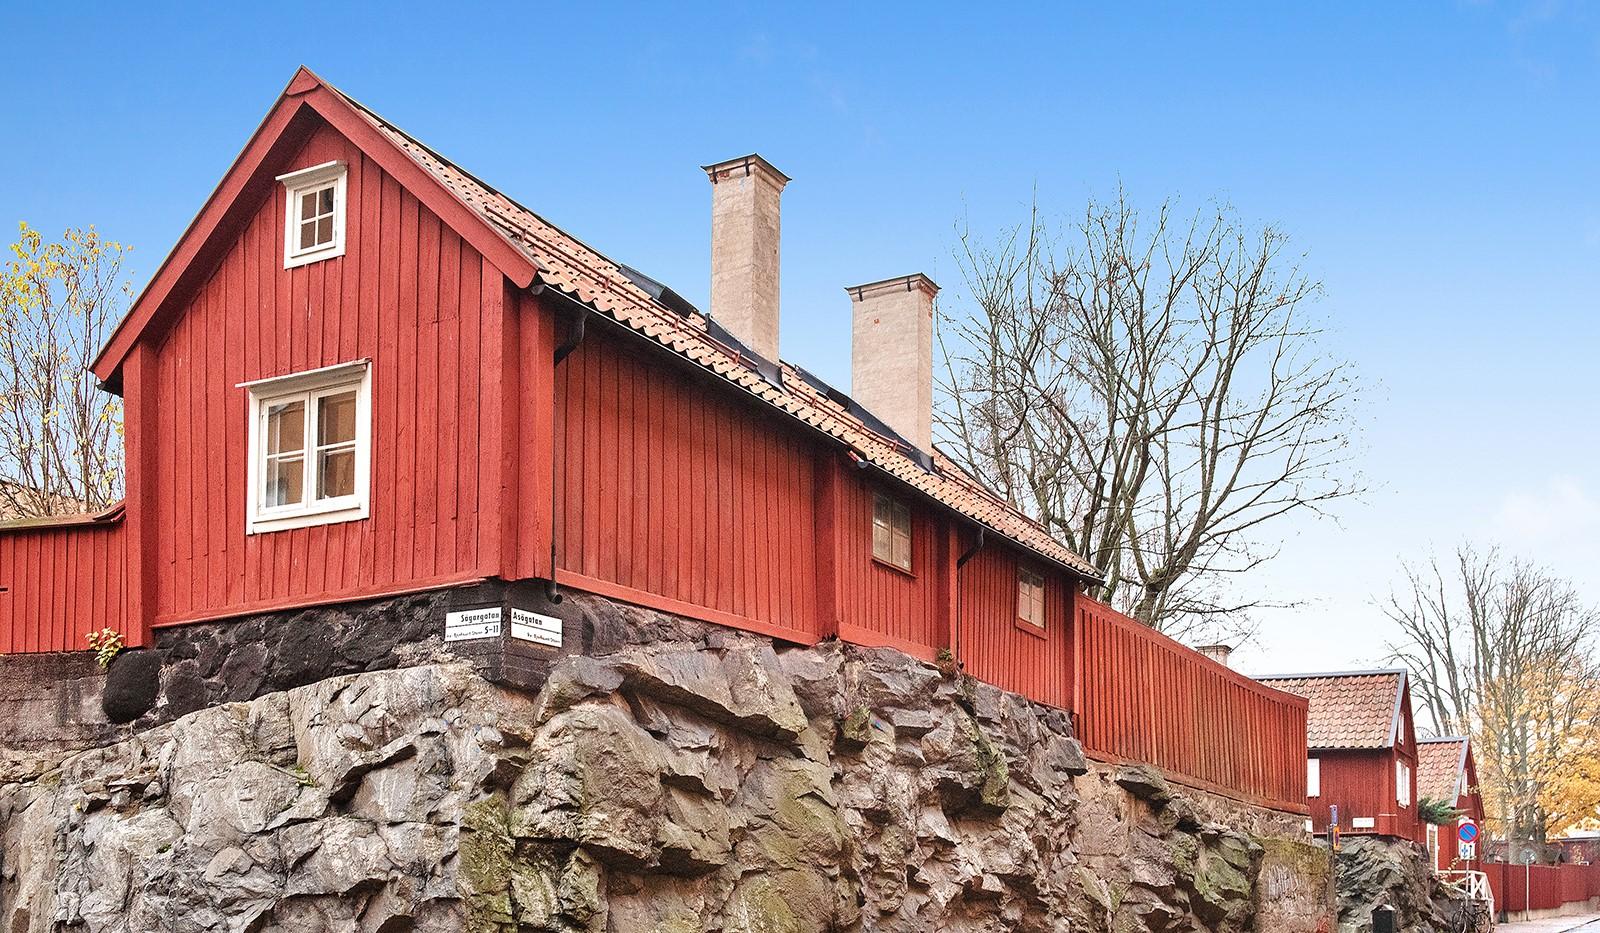 Sågargatan 14 - Sågargatan/Åsögatan korsning